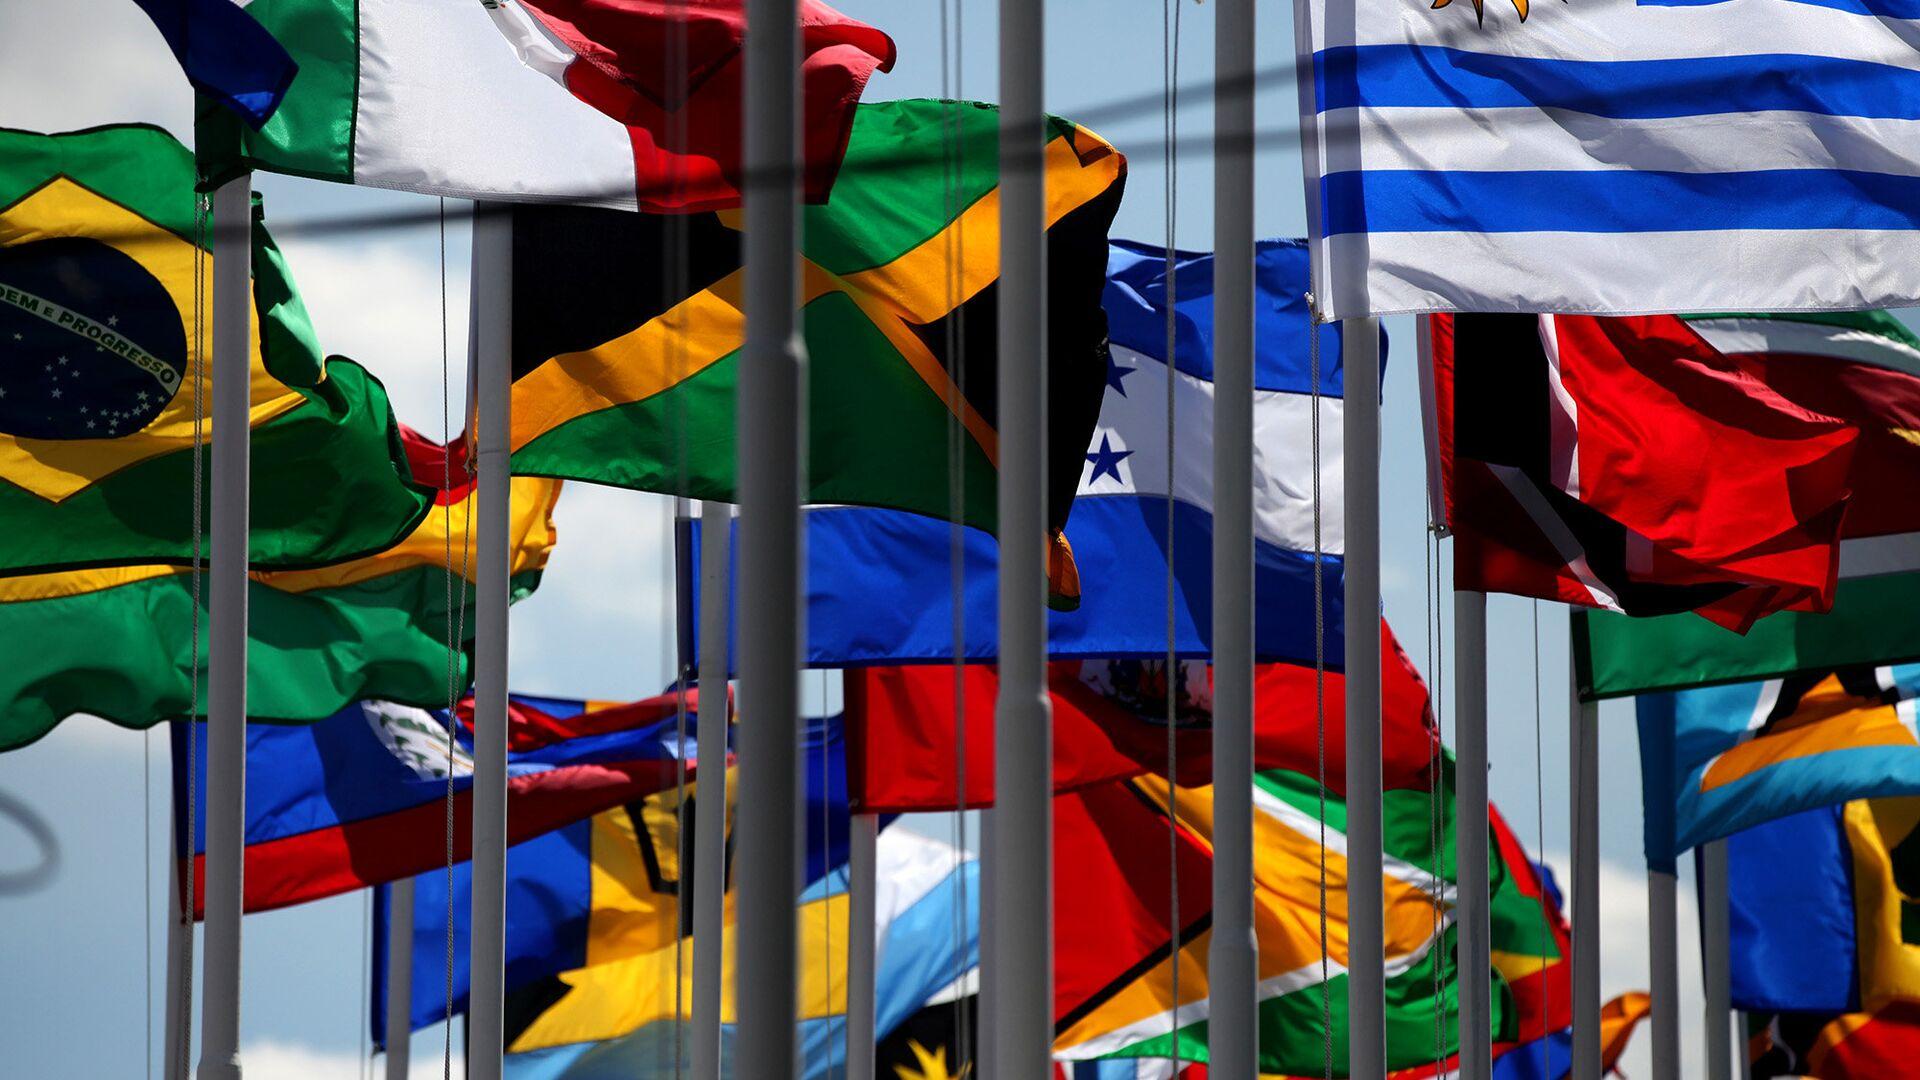 Banderas de países miembros de la CELAC (archivo) - Sputnik Mundo, 1920, 10.03.2021